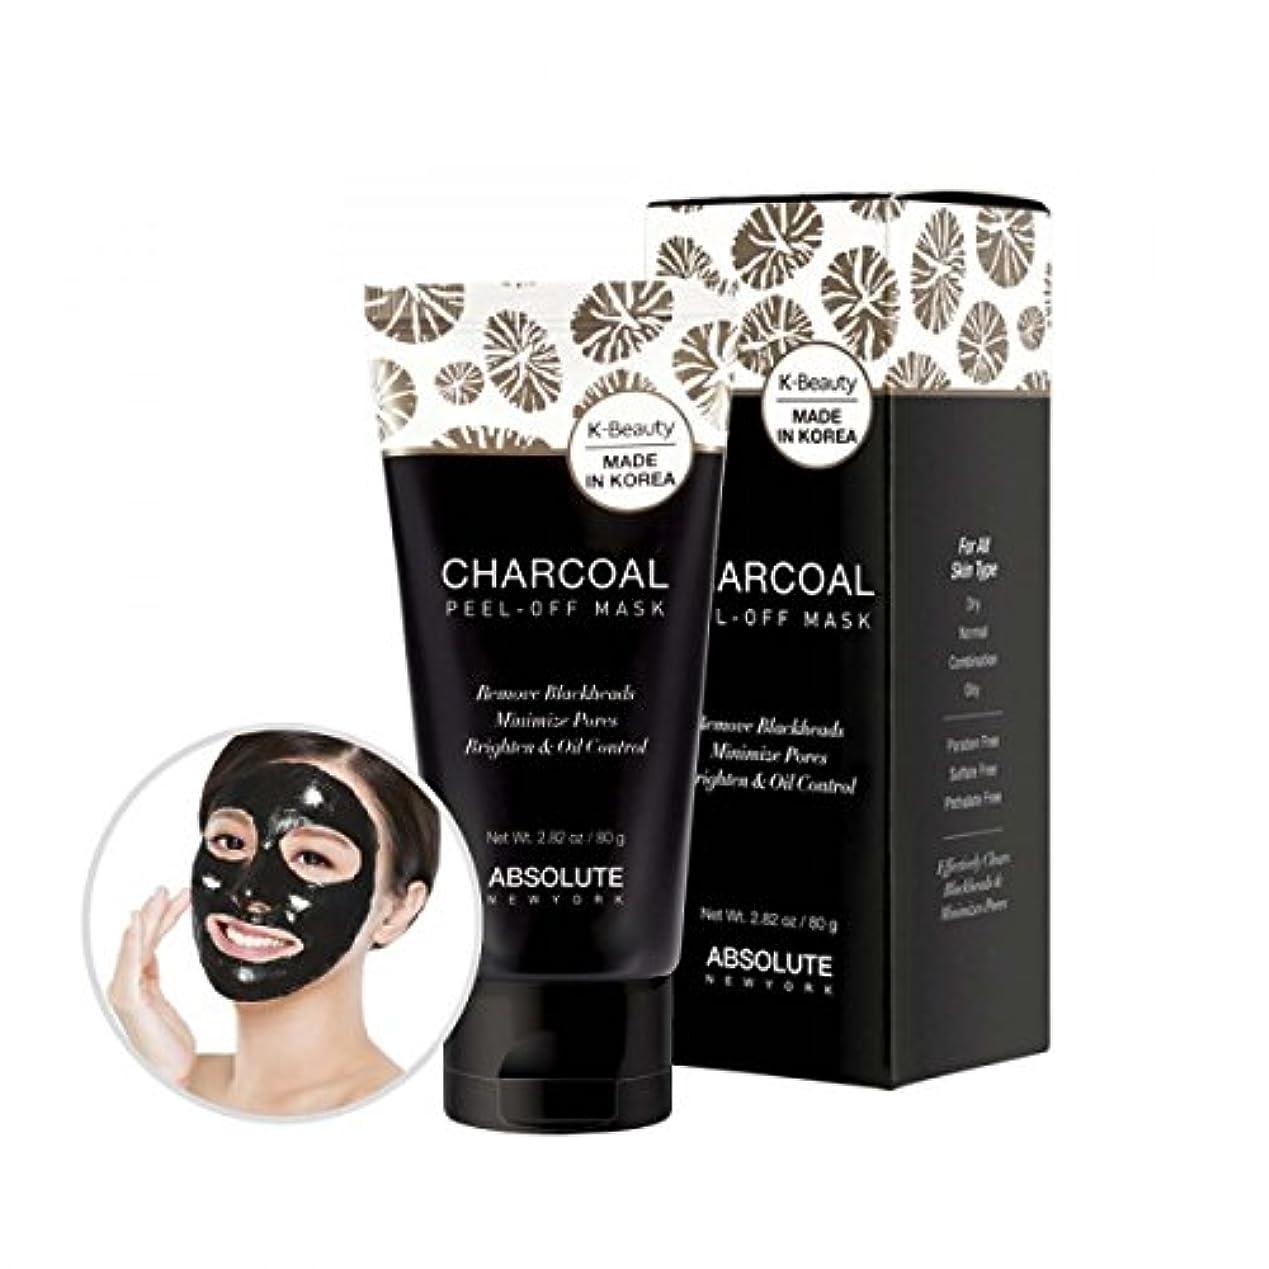 サイズ執着ポスト印象派(3 Pack) ABSOLUTE Charcoal Peel-Off Mask (並行輸入品)